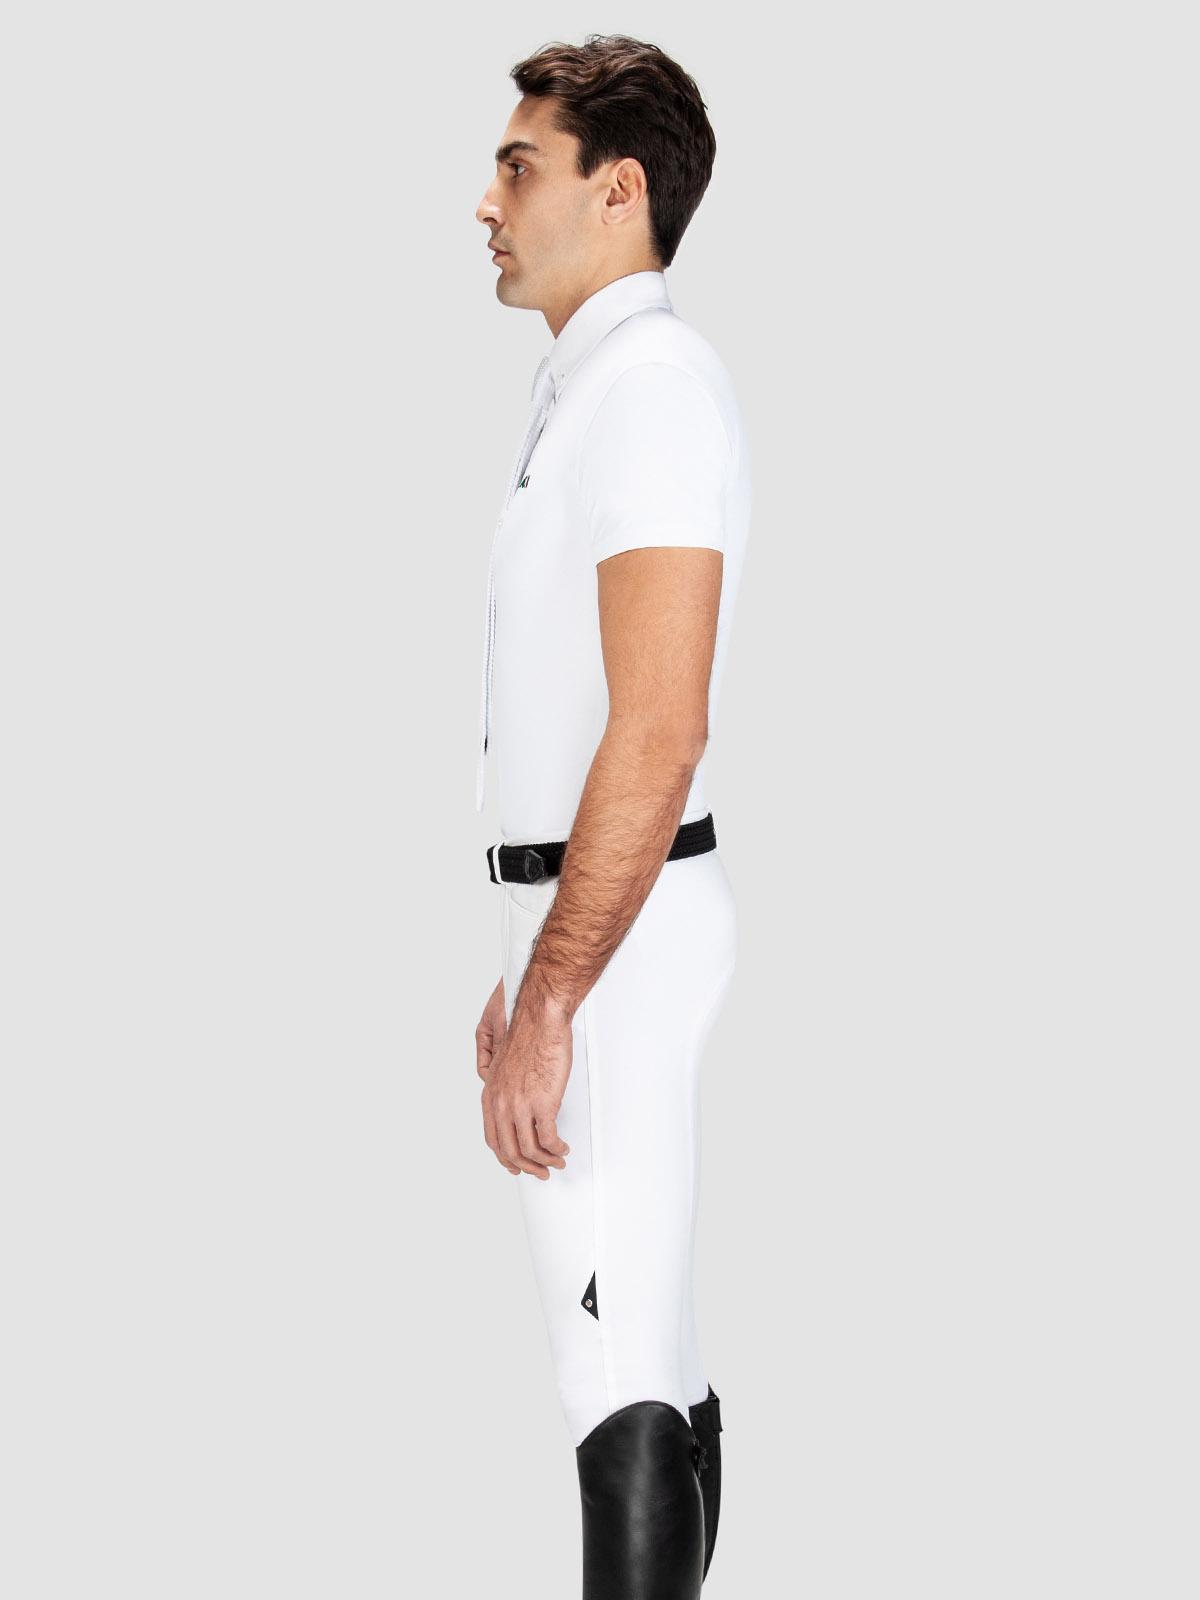 FOX - Men's Short Sleeve Show Shirt 2